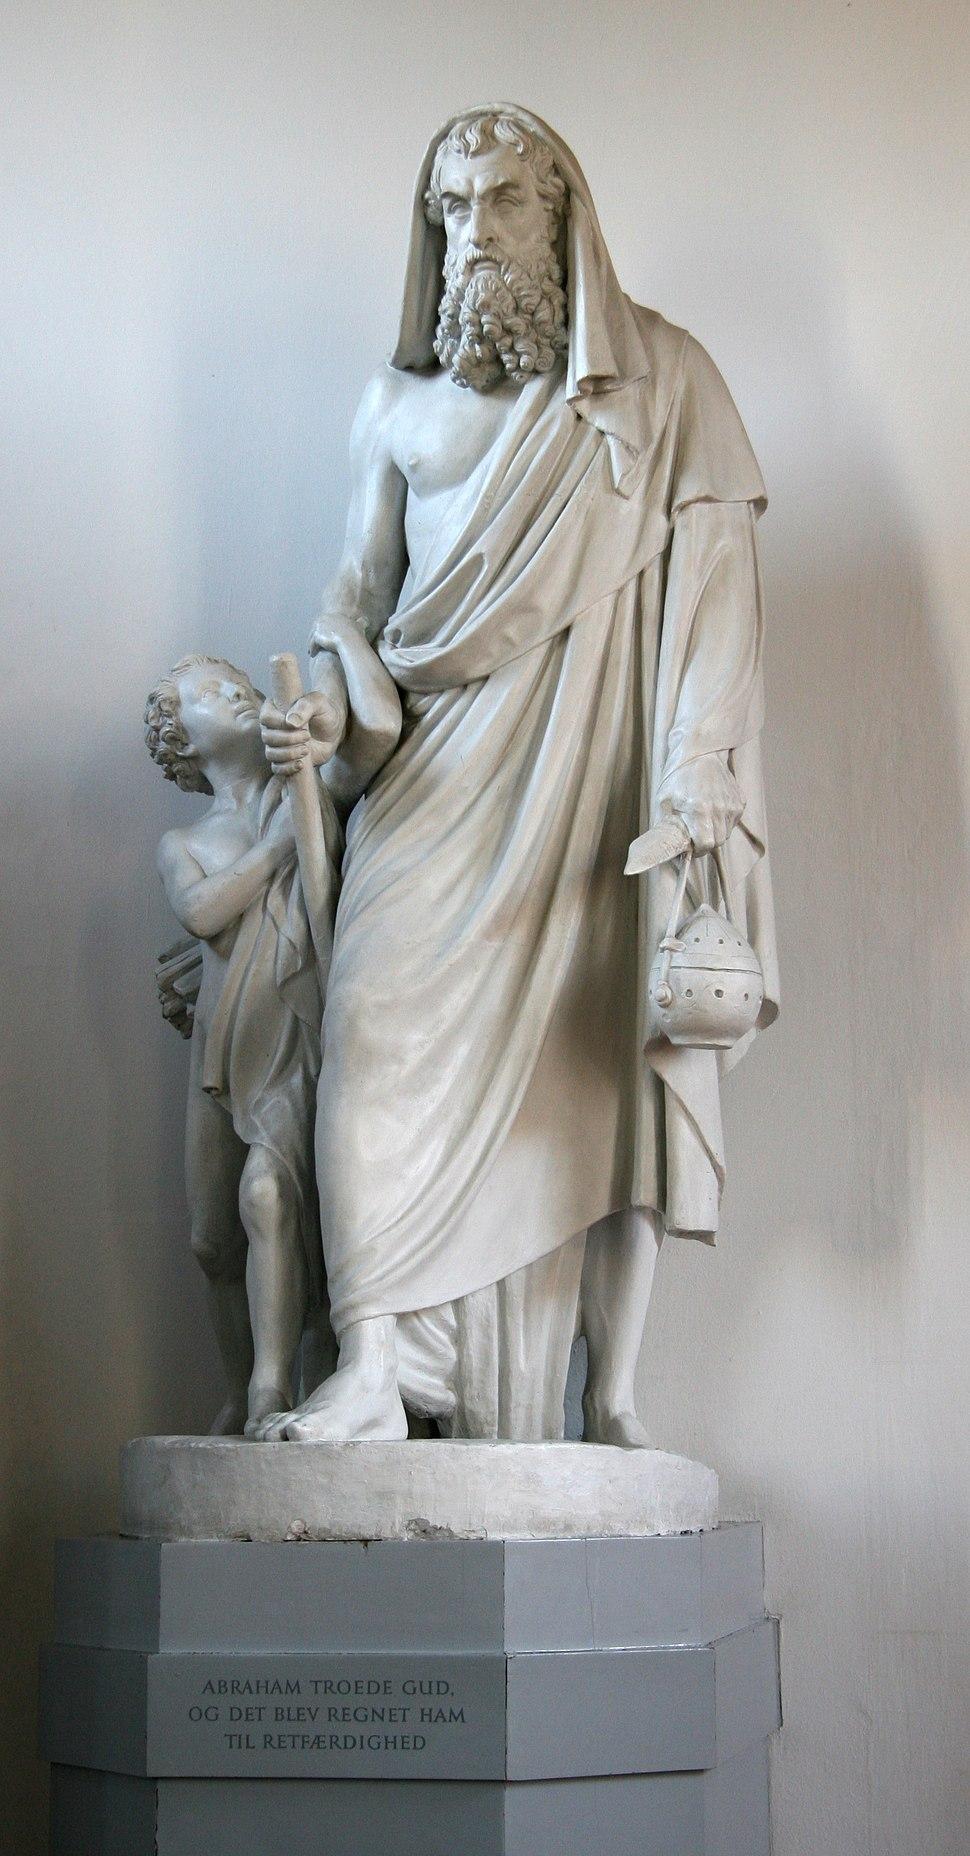 Emmauskirken Copenhagen statue